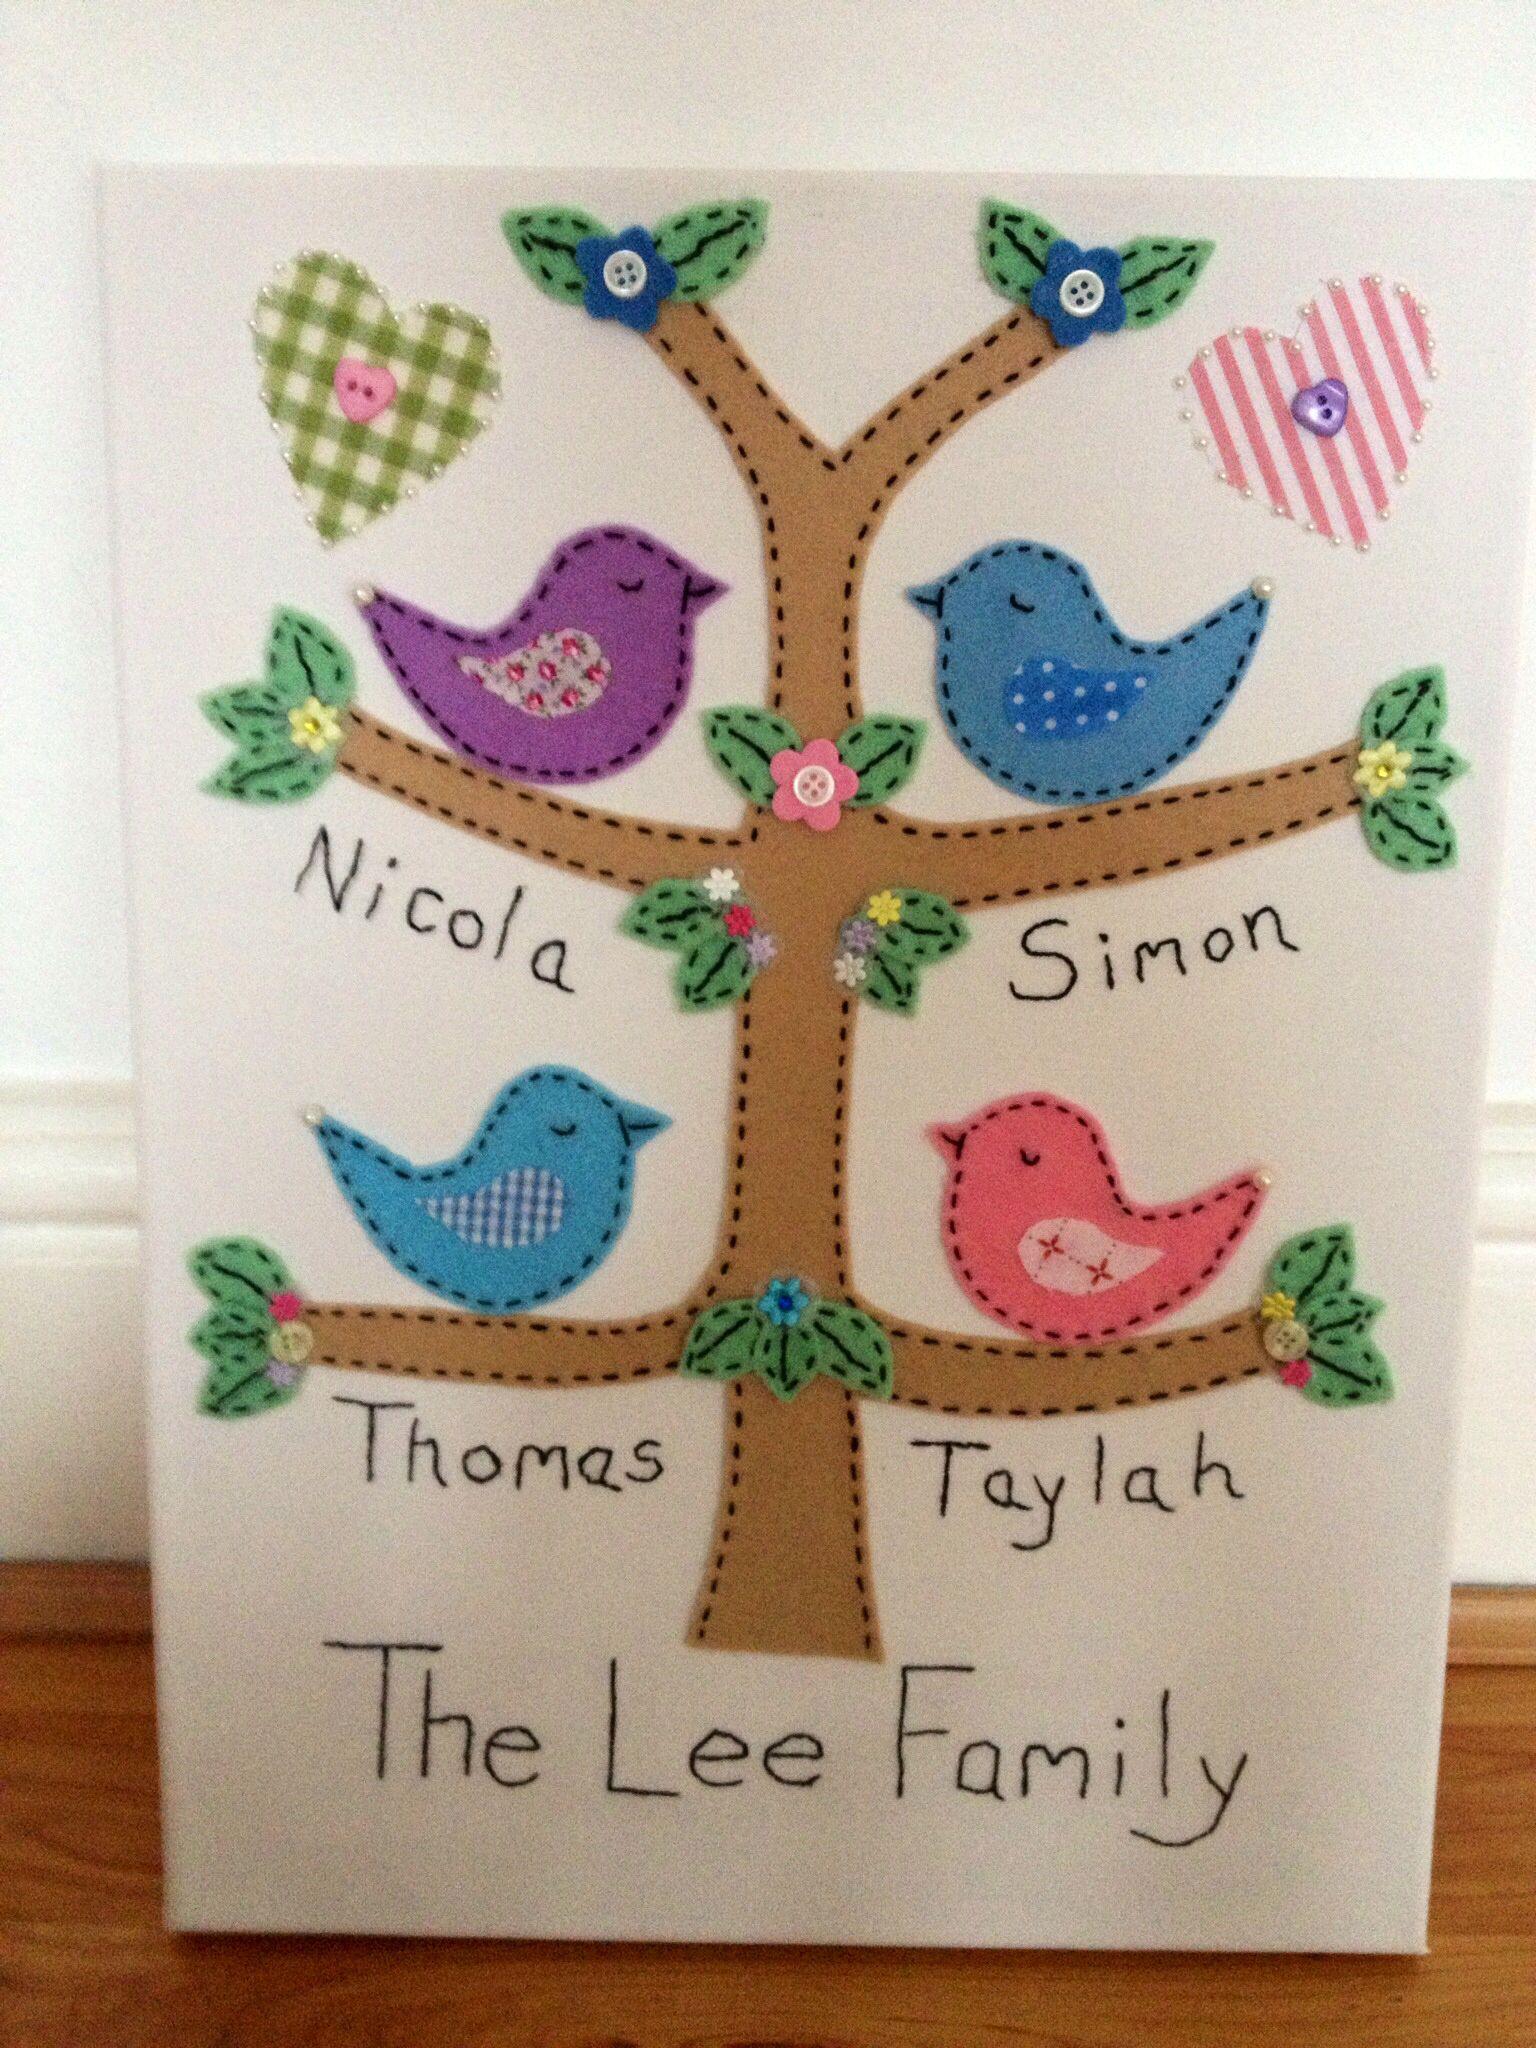 Familietræ lærred - Personligt familie træ lavet fra-6551